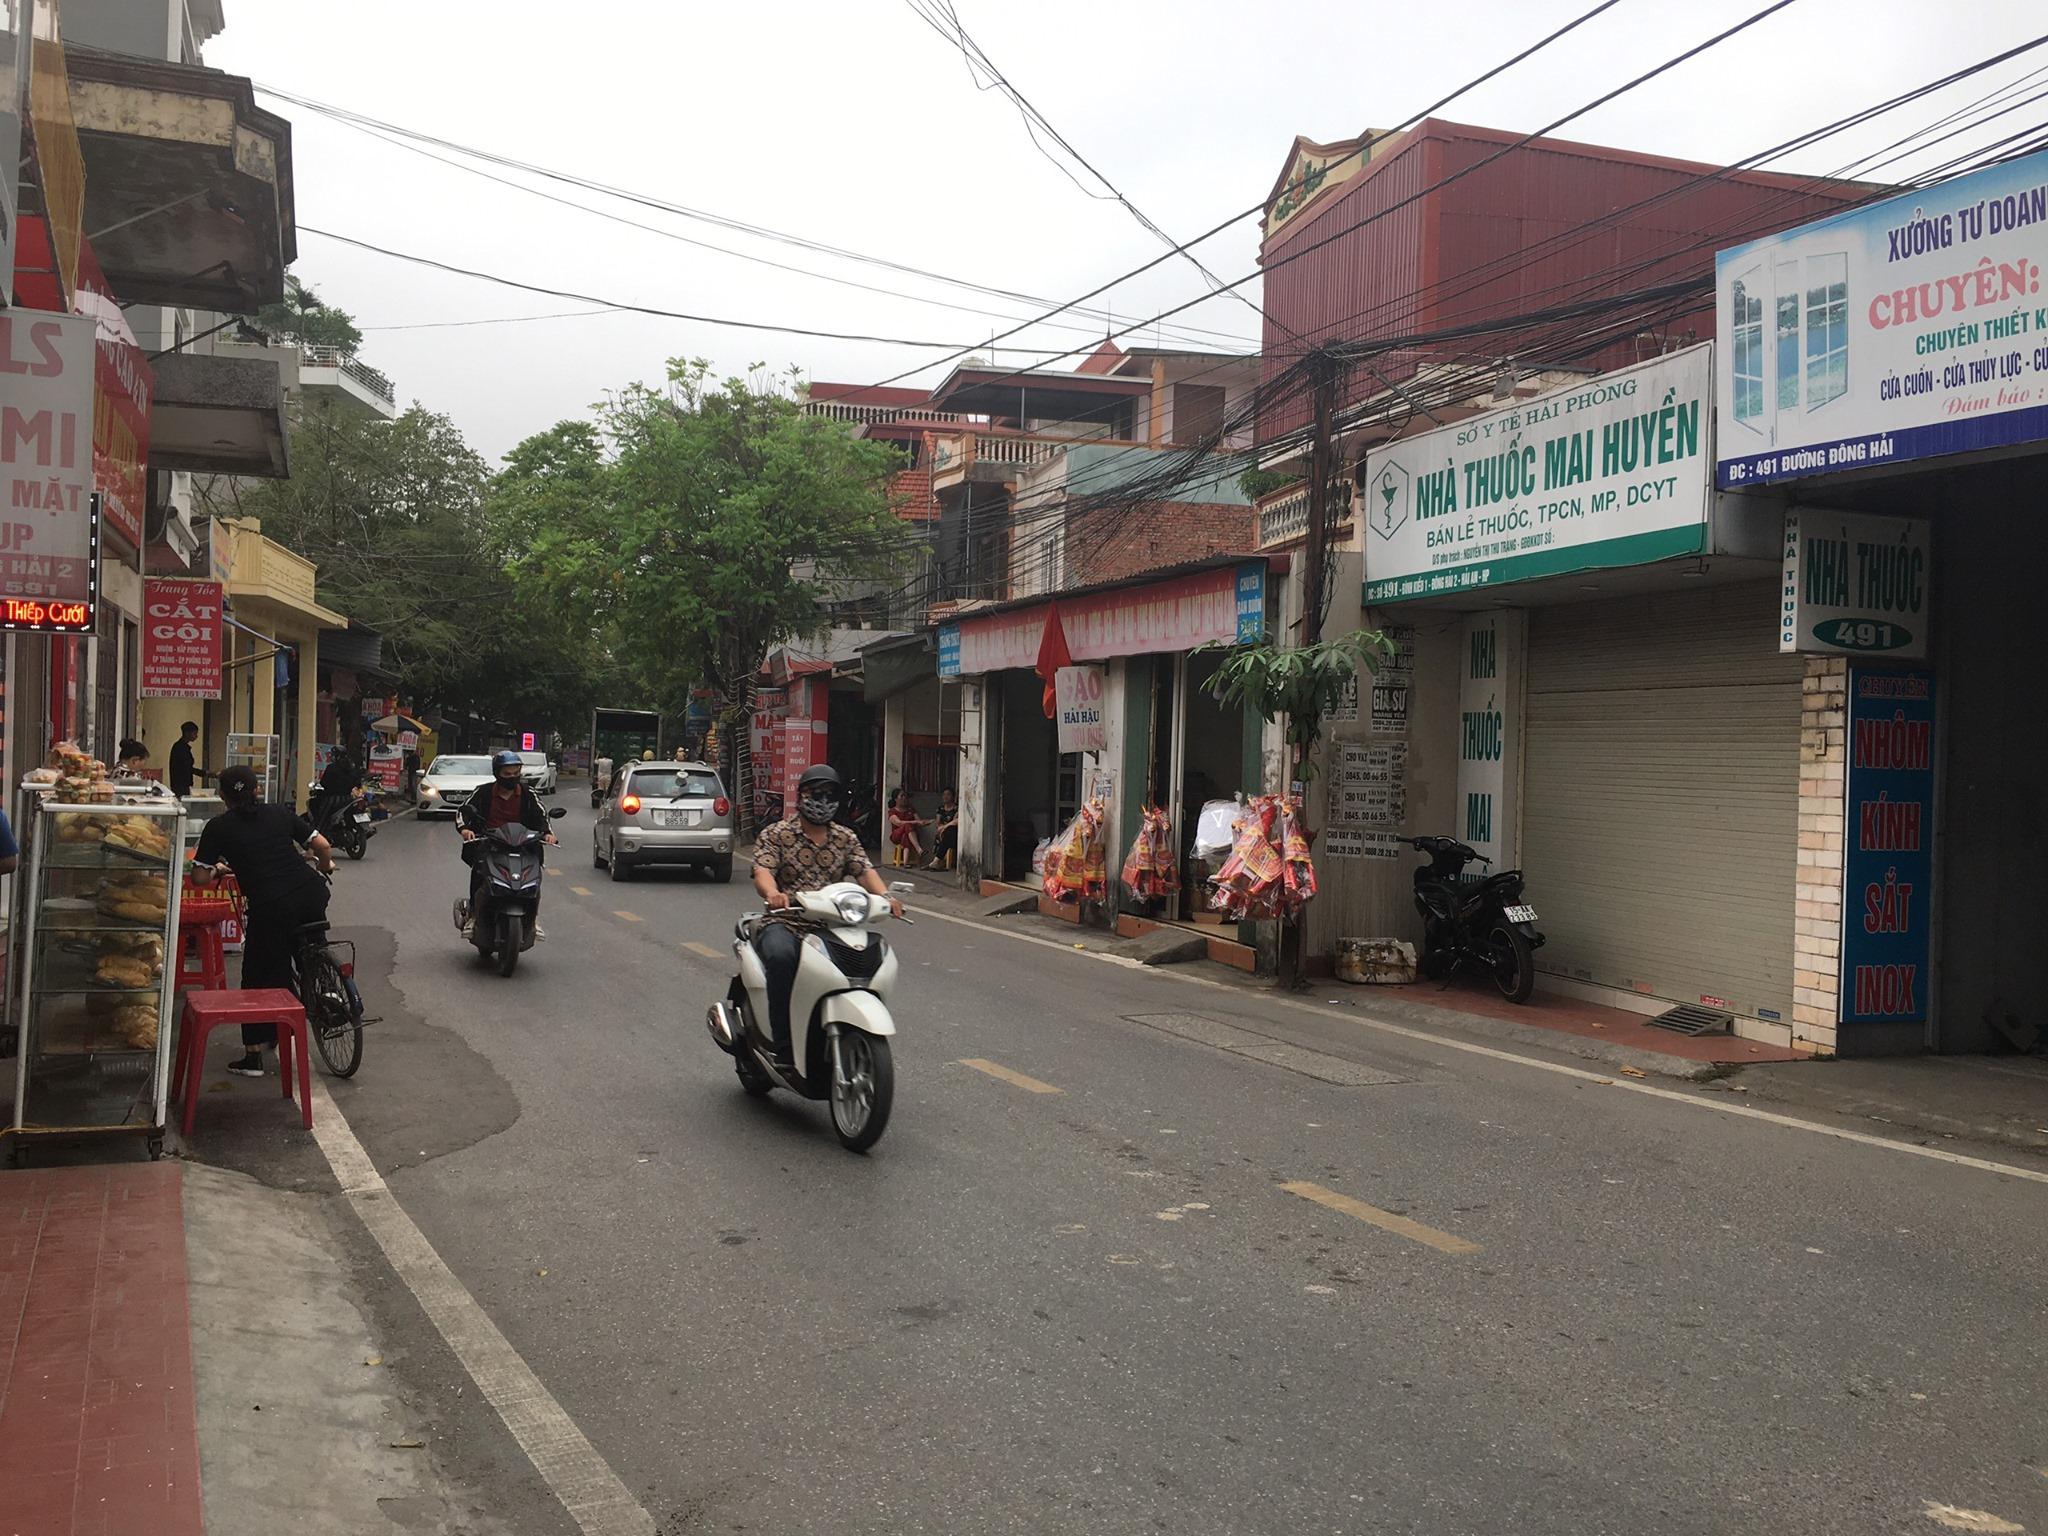 Cần bán gấp căn nhà 3 tầng độc lập mặt đường Đông Hải 2, Hải An, Hải Phòng